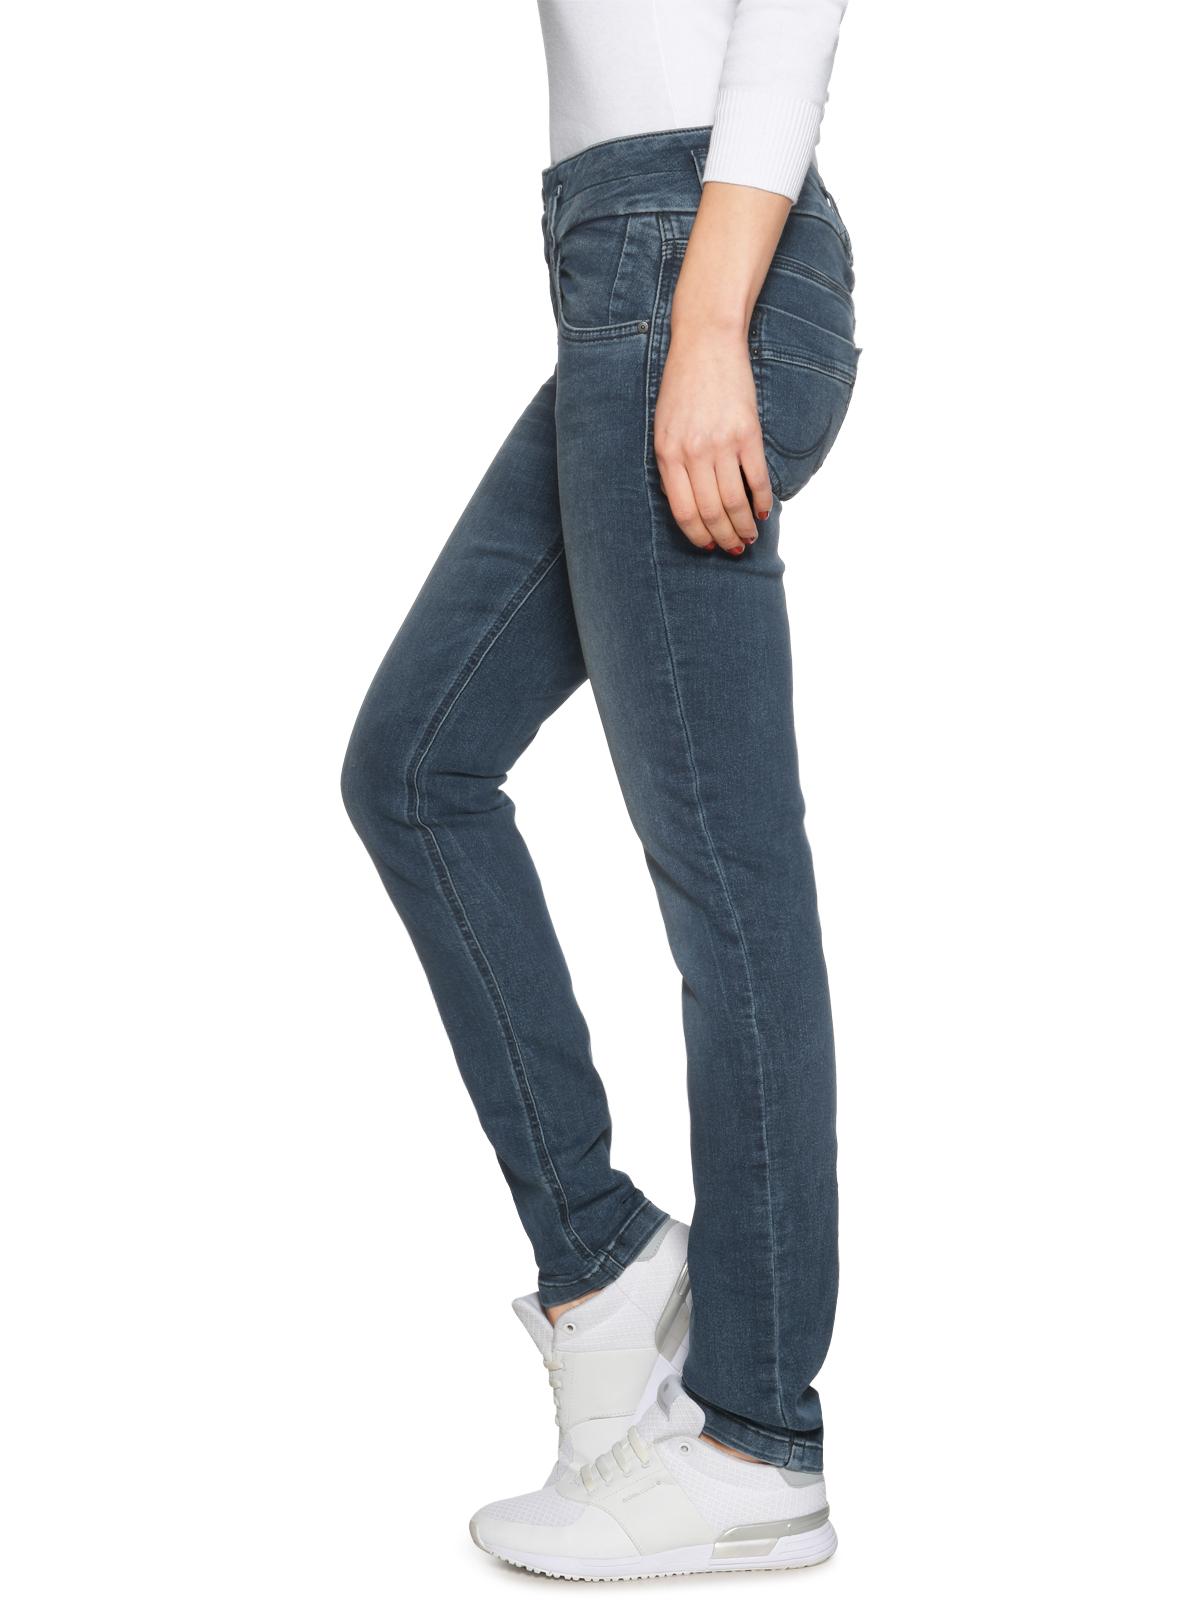 LTB Spijkerbroek Zena in blauw voor Dames